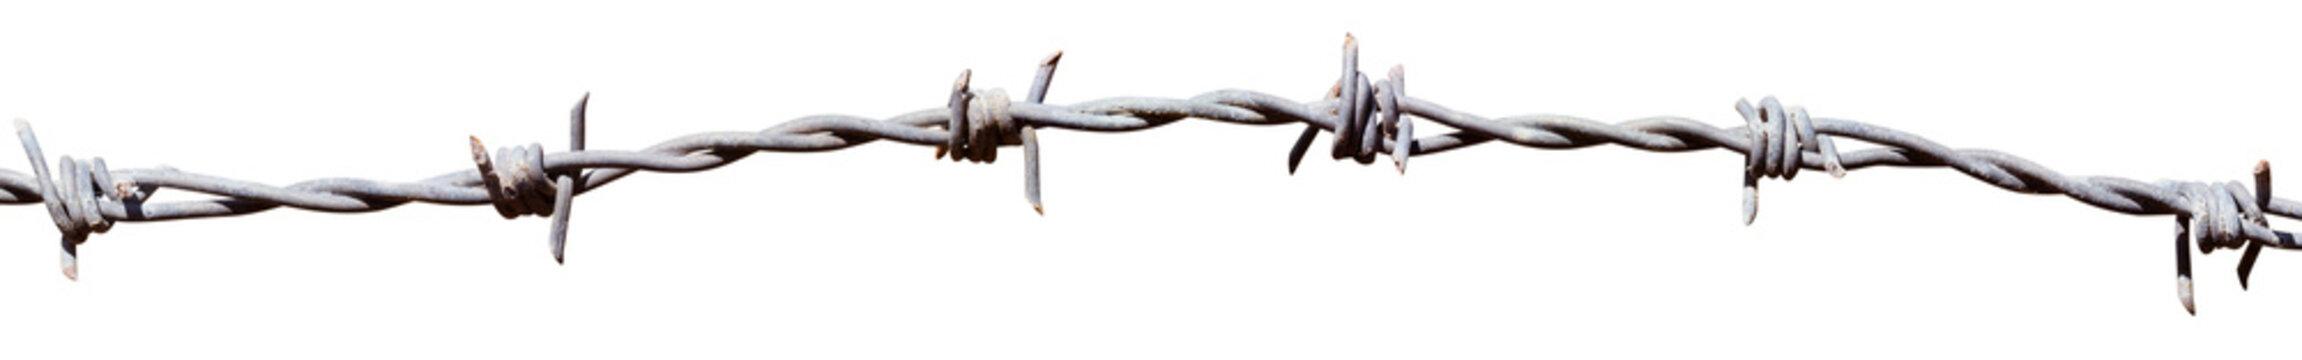 fil de fer barbelé sur fond blanc